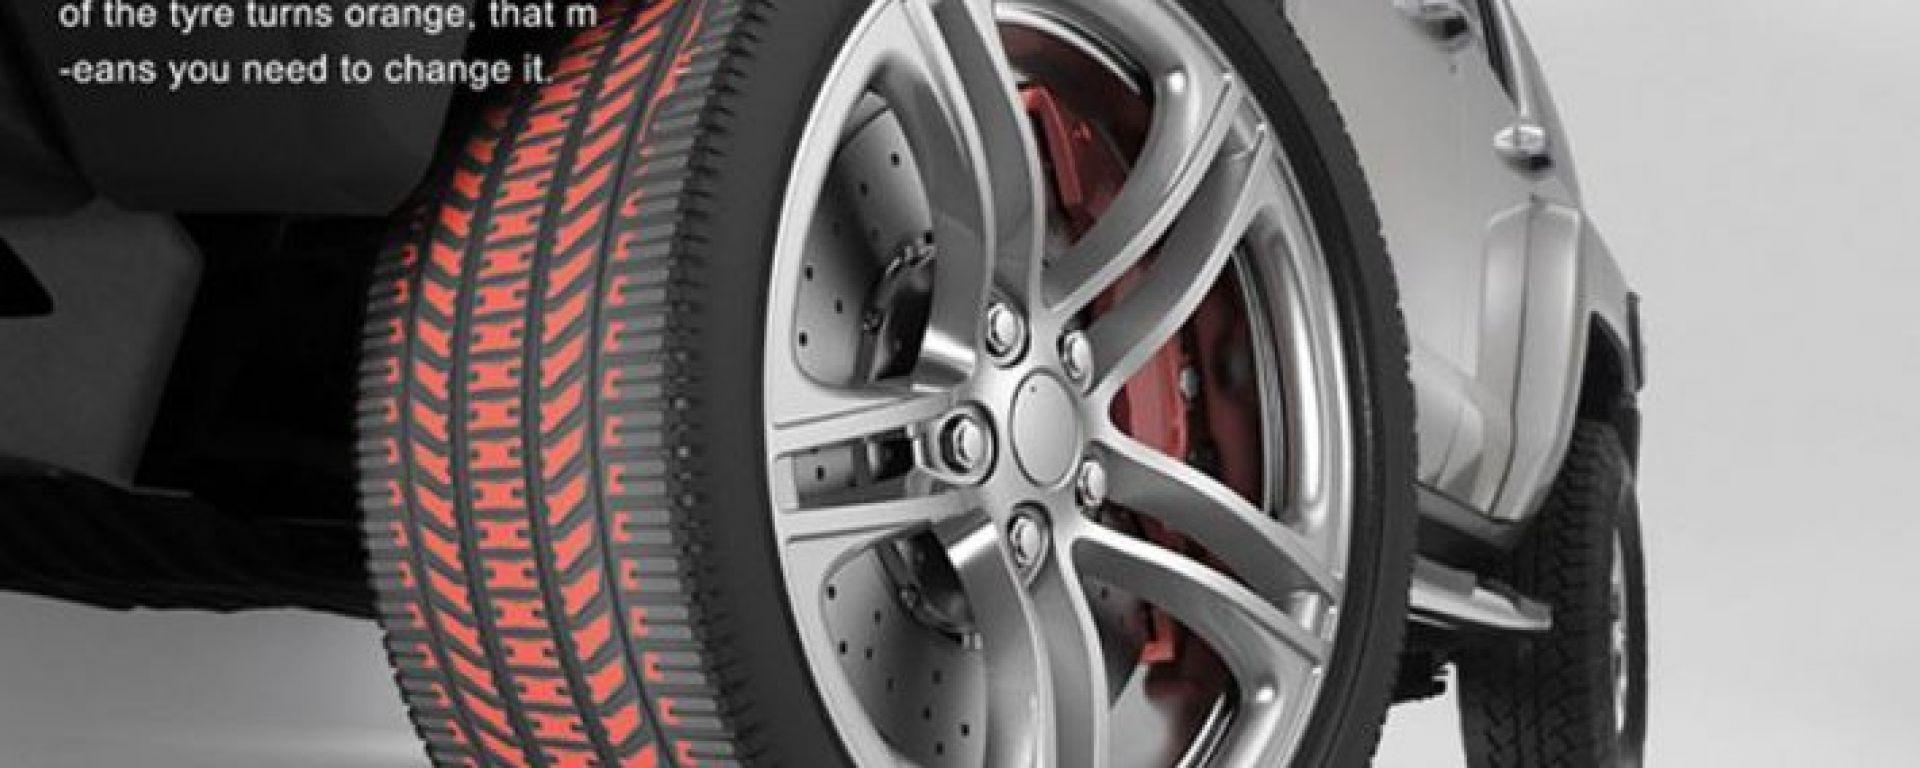 Discolor Tyre: la gomma colorata è da cambiare